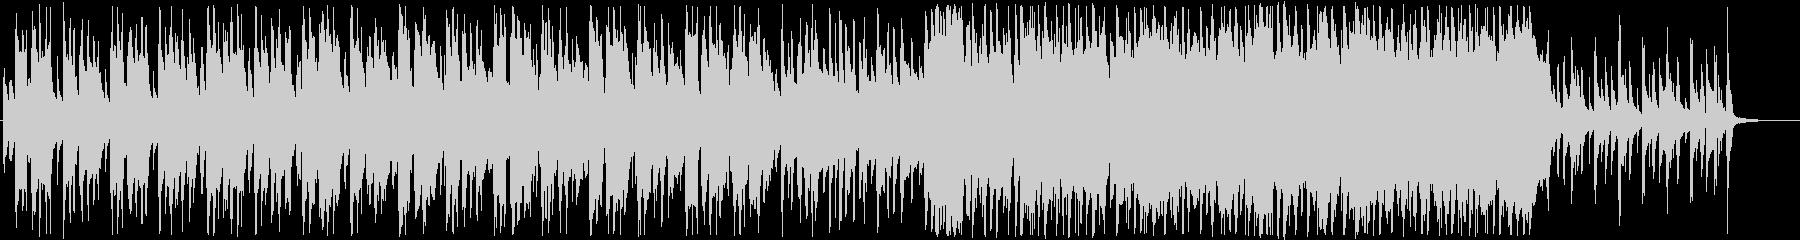 プロモーション動画などに使える軽やかな曲の未再生の波形